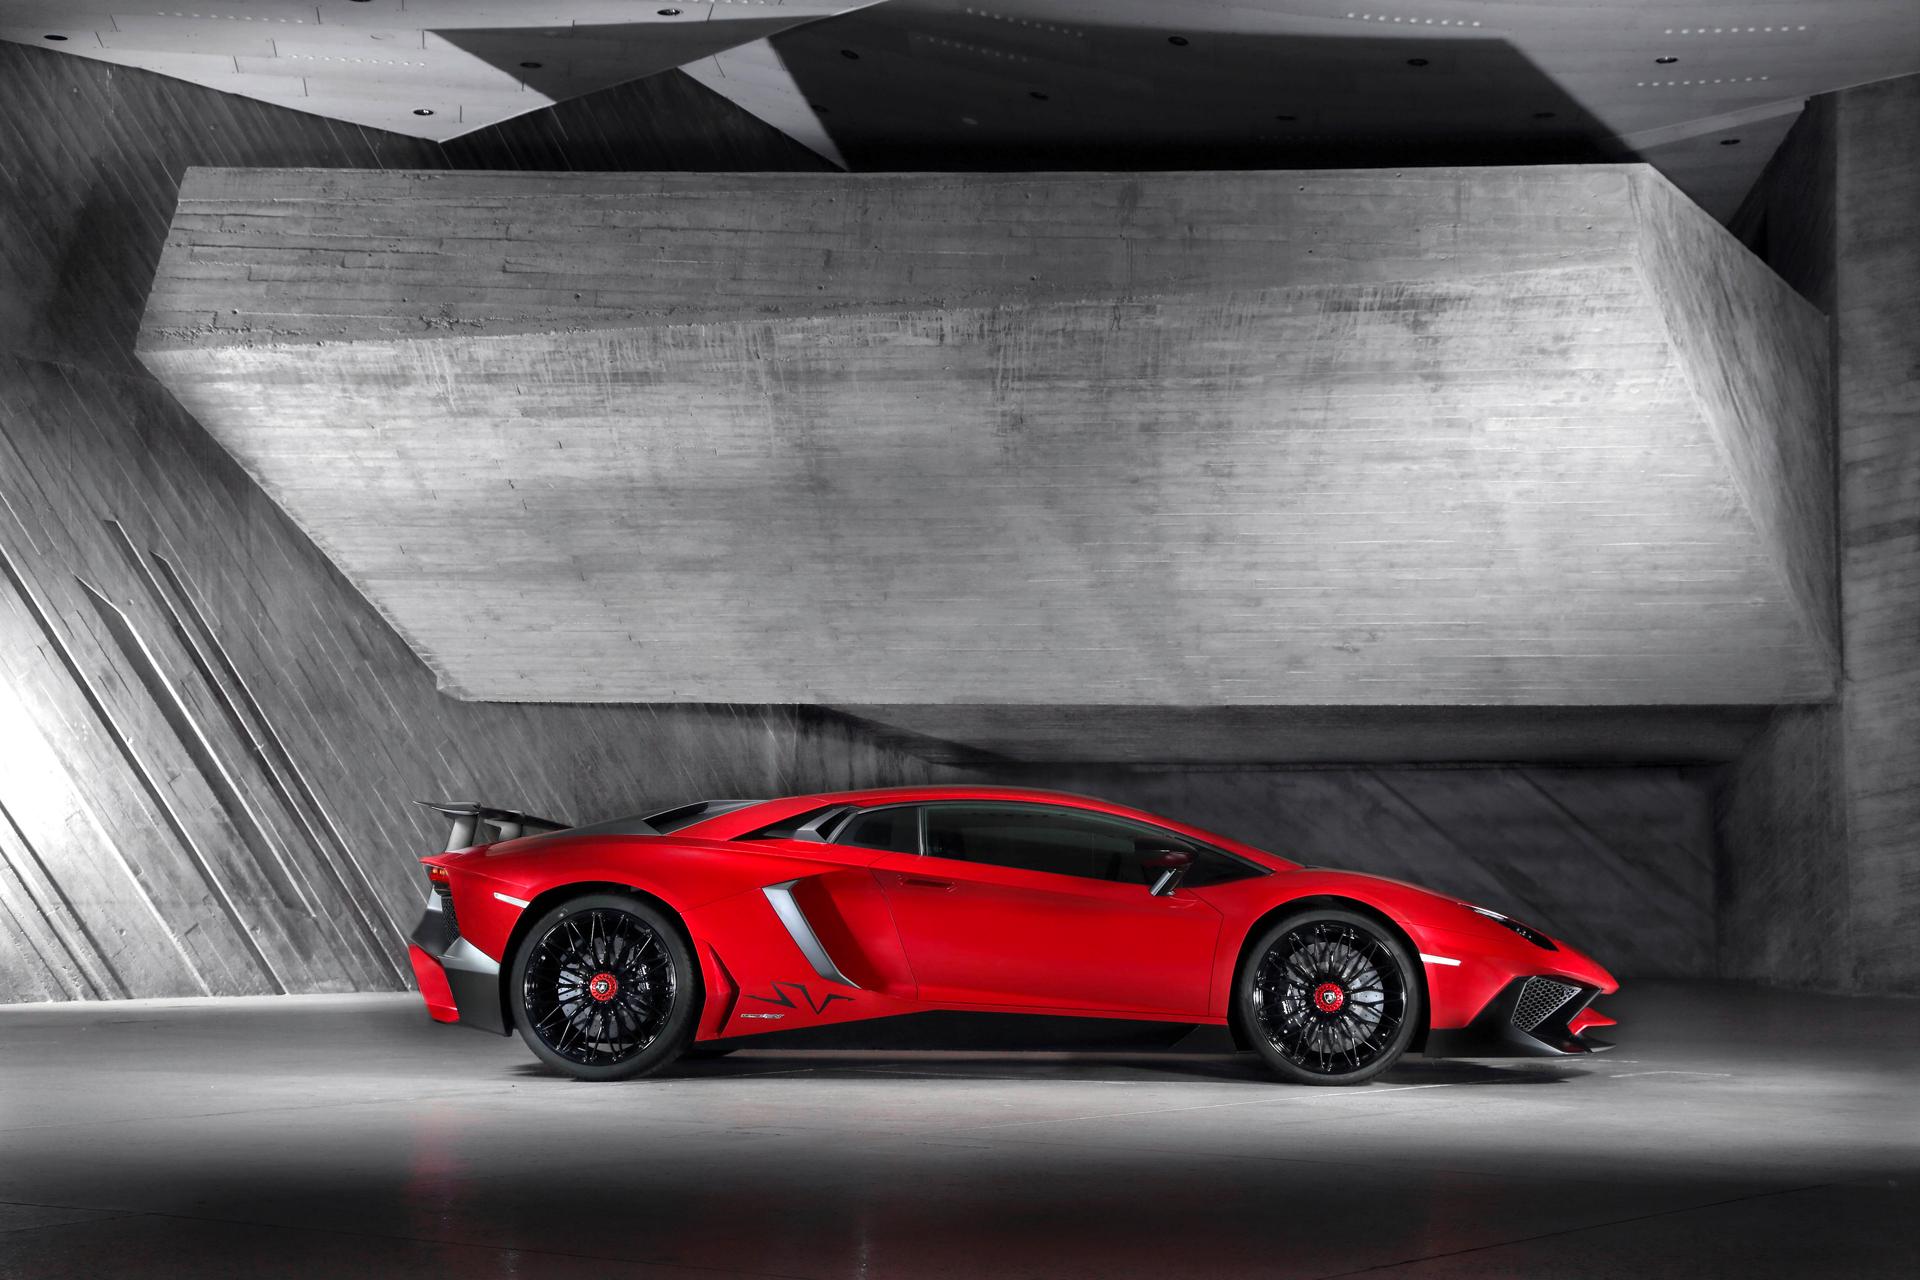 Lamborghini LP750-4 Superveloce - profil